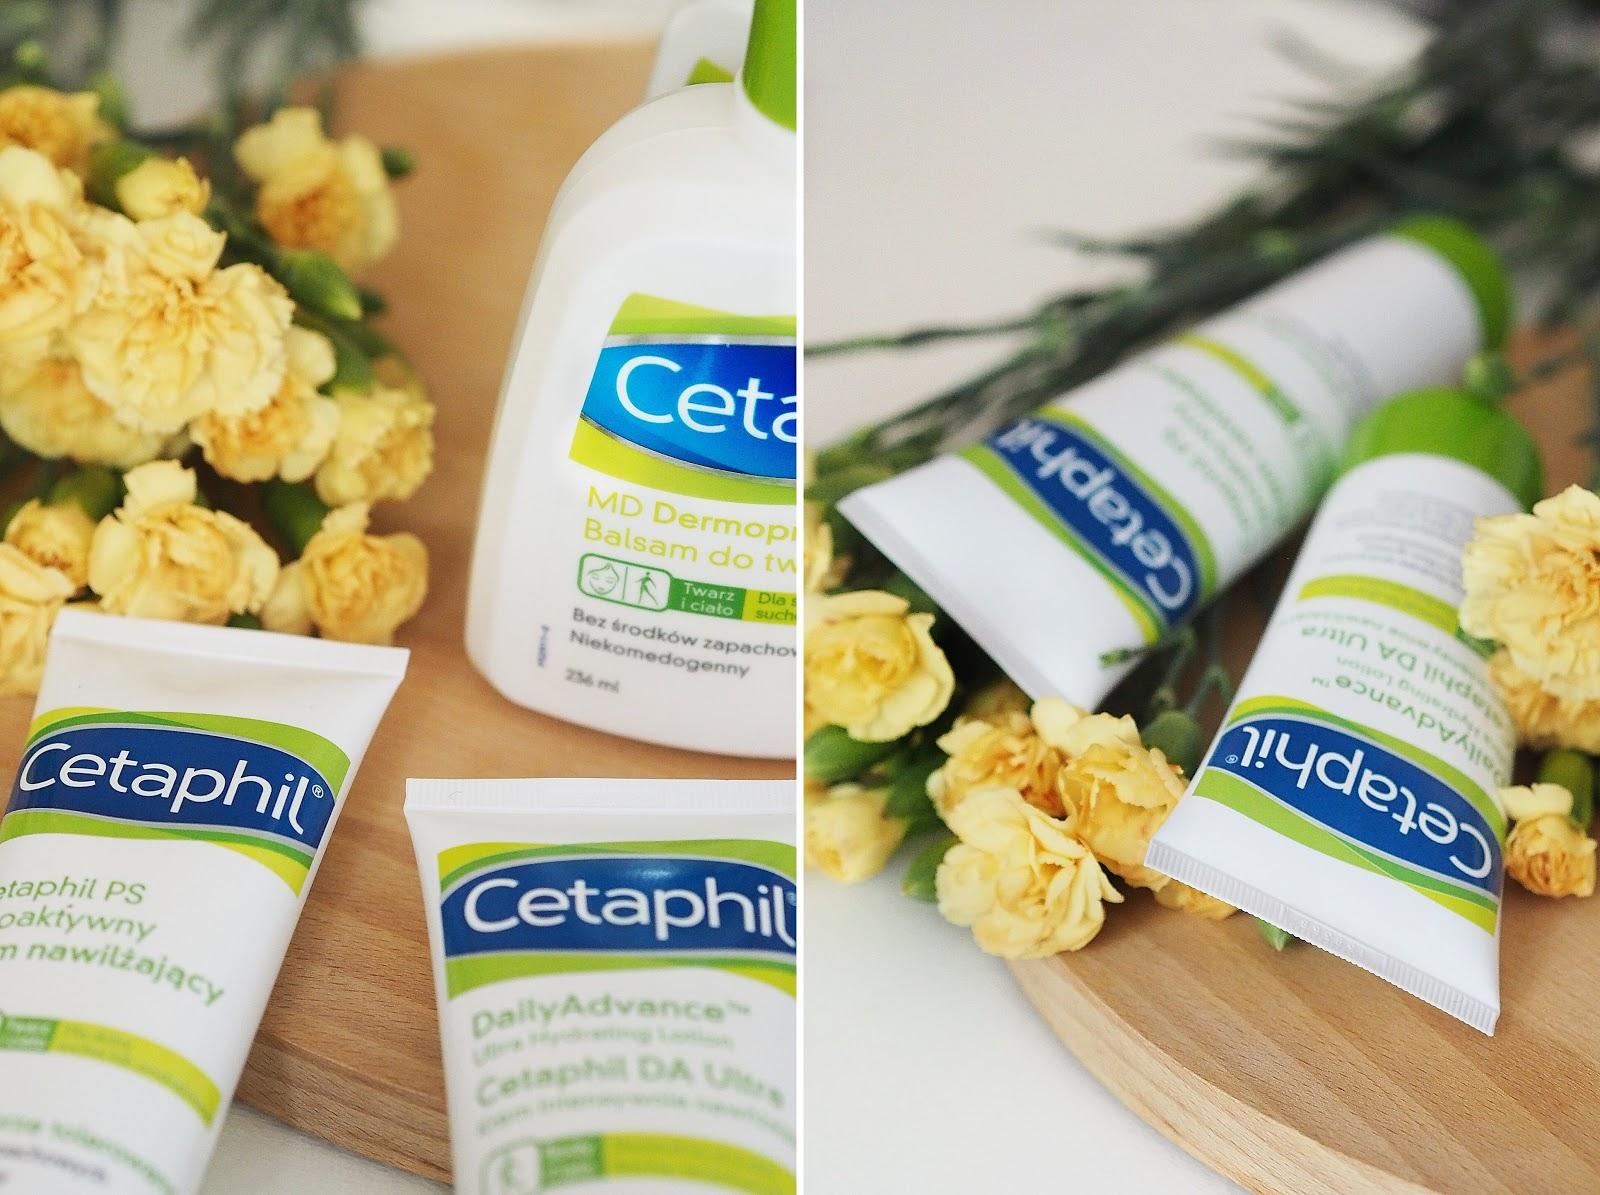 jak działa cetaphil?